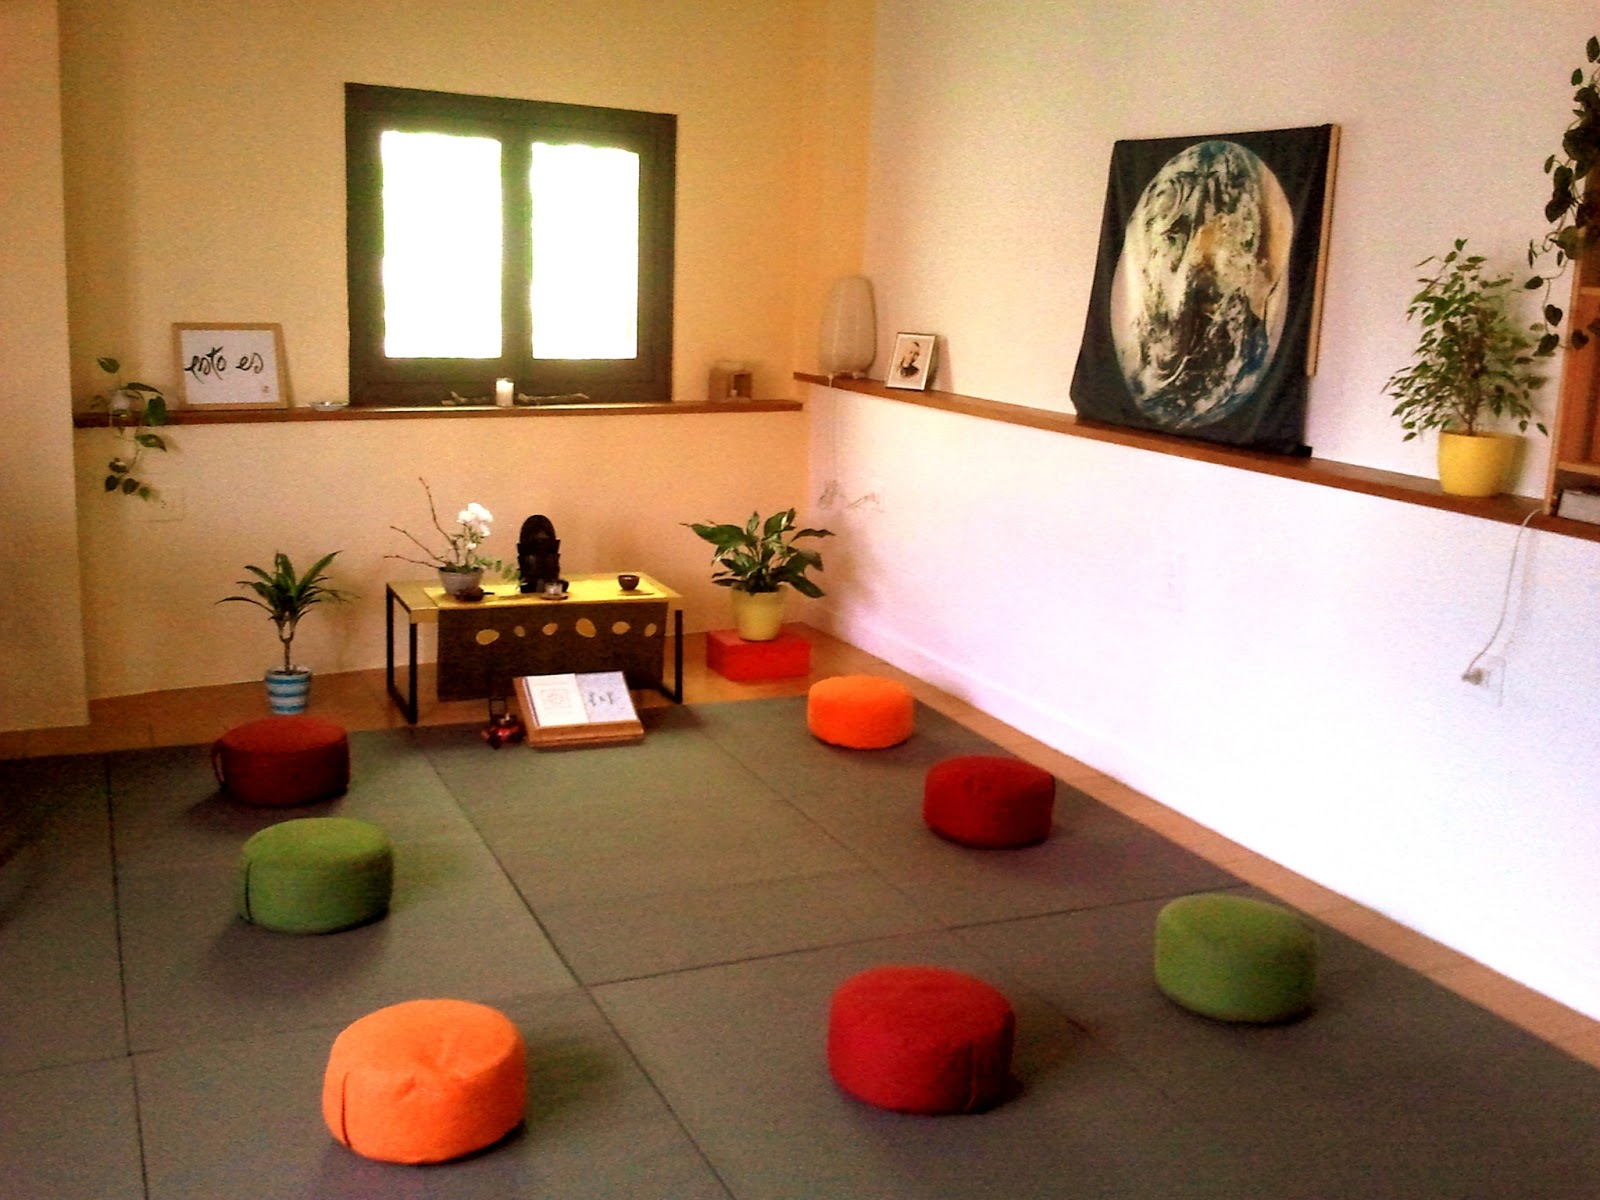 Reconecta espacio de silencio terraza zen - Espacio zen ...